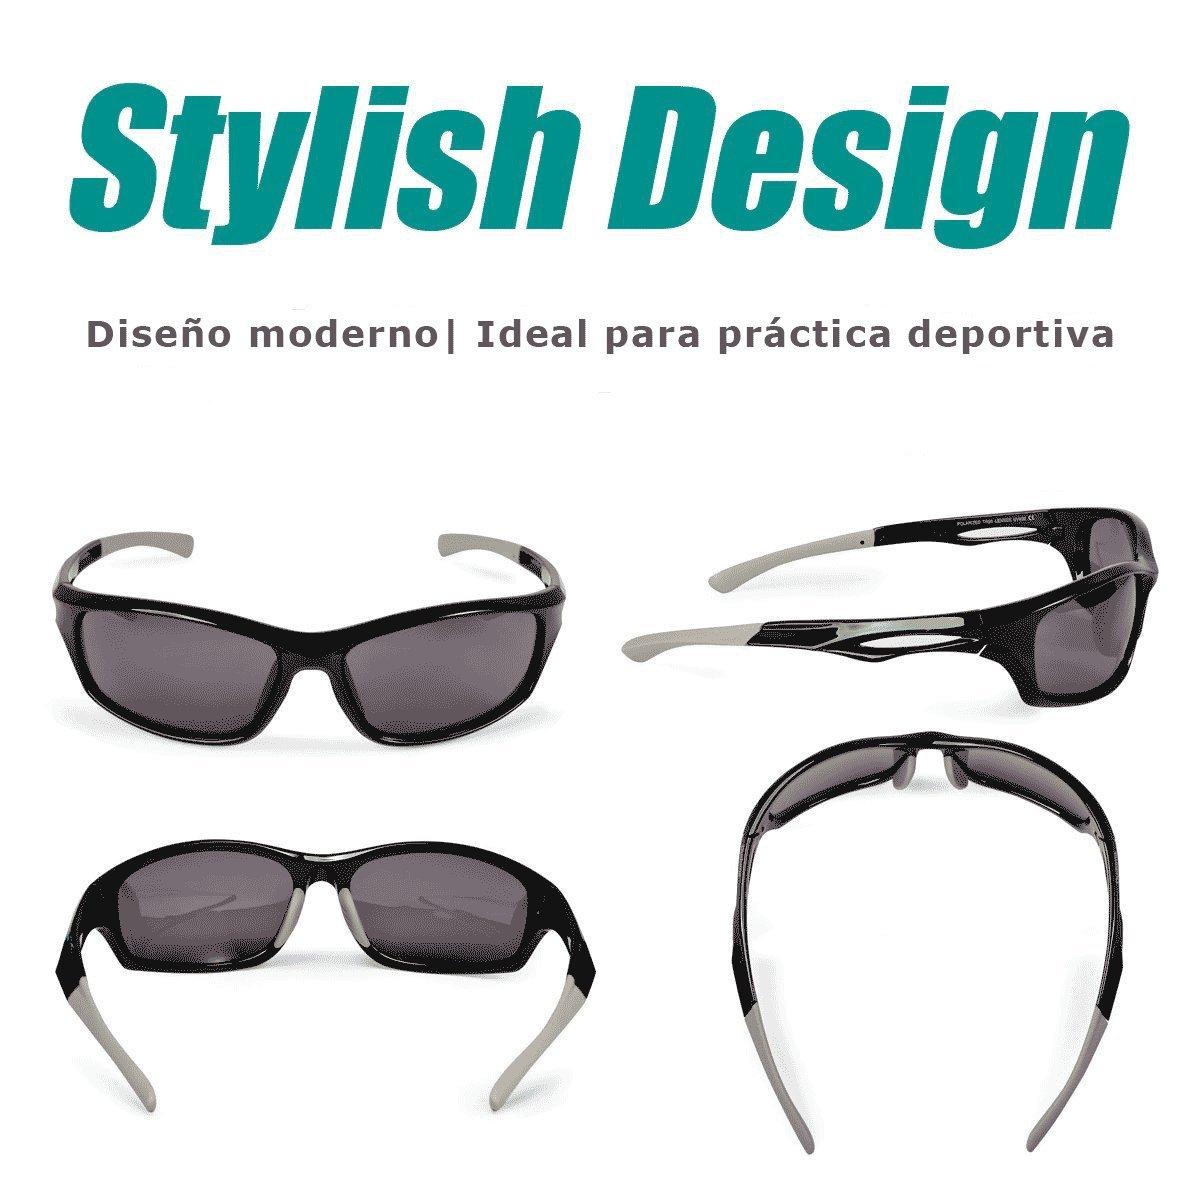 sunglasses restorer Gafas Ciclismo Fotocromaticas Modelo Ordesa, en la Segunda Foto se Puede apreciar el Tono [ 0% - 50% ]: Amazon.es: Deportes y aire libre